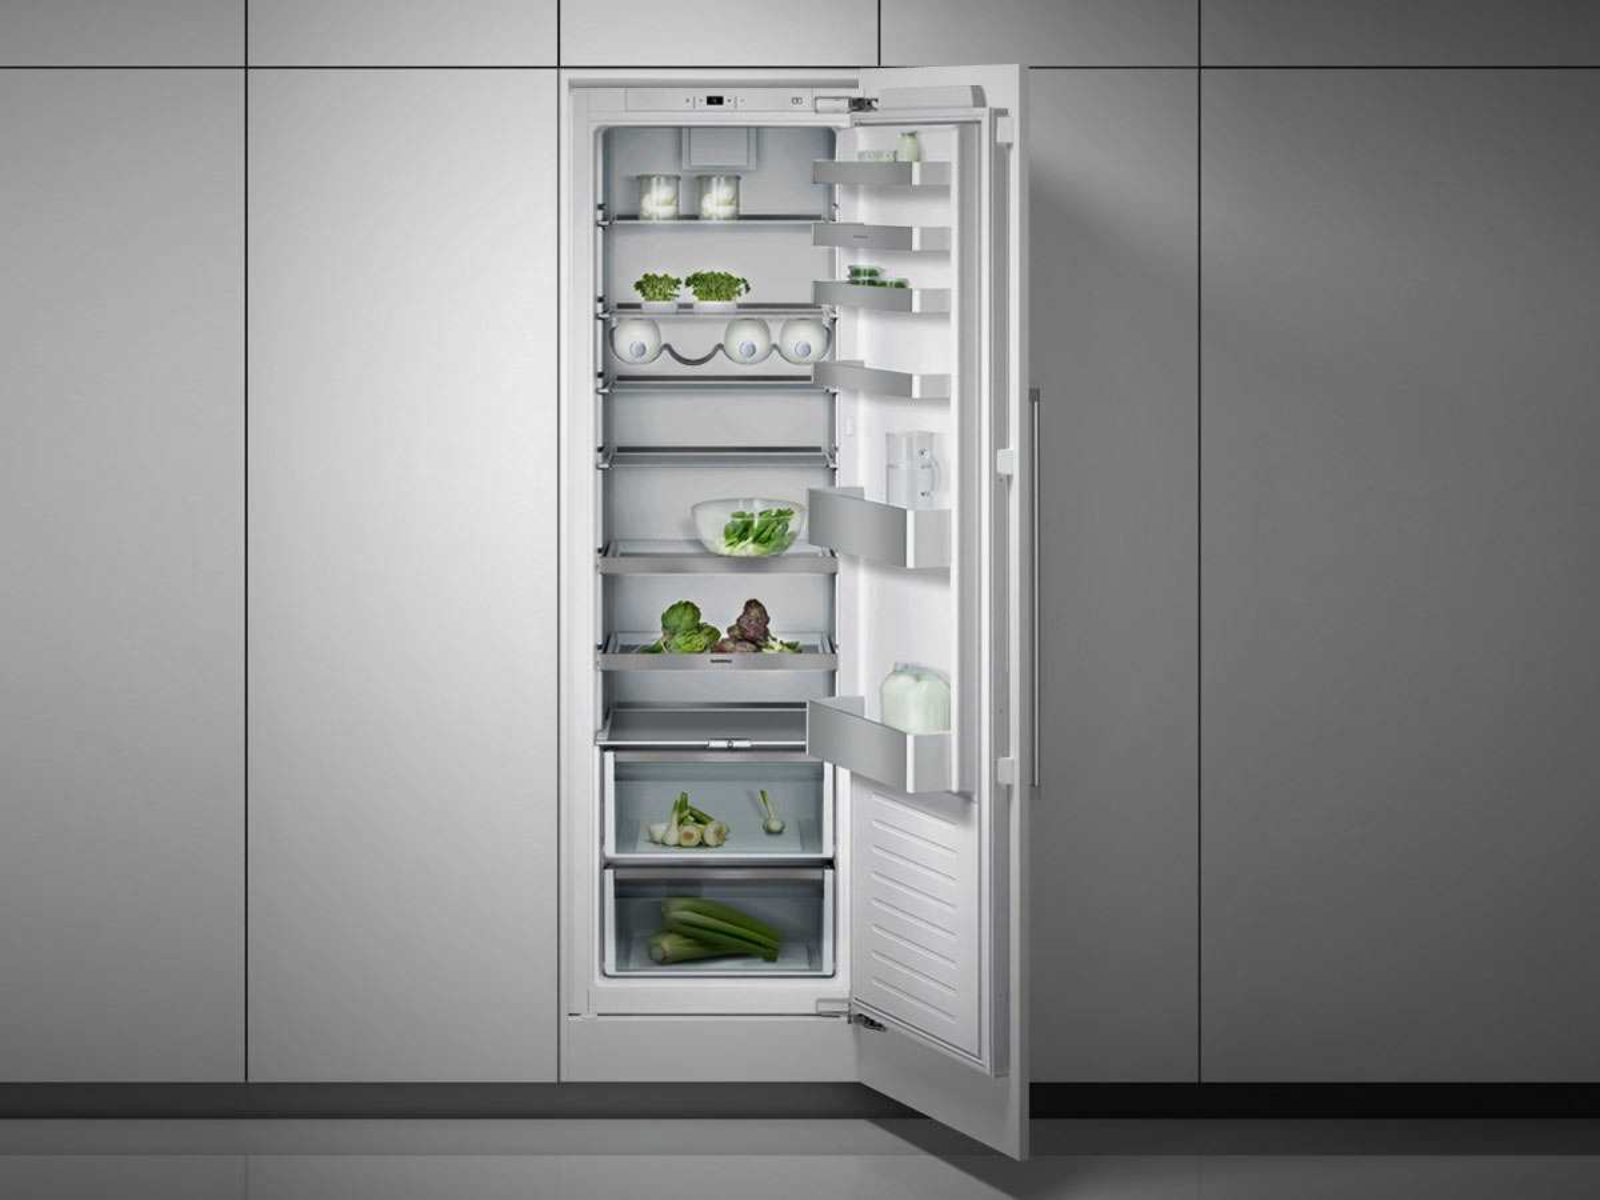 Side By Side Kühlschrank Gaggenau : Side by side kühlschrank gaggenau gaggenau rt einbaukühlschrank